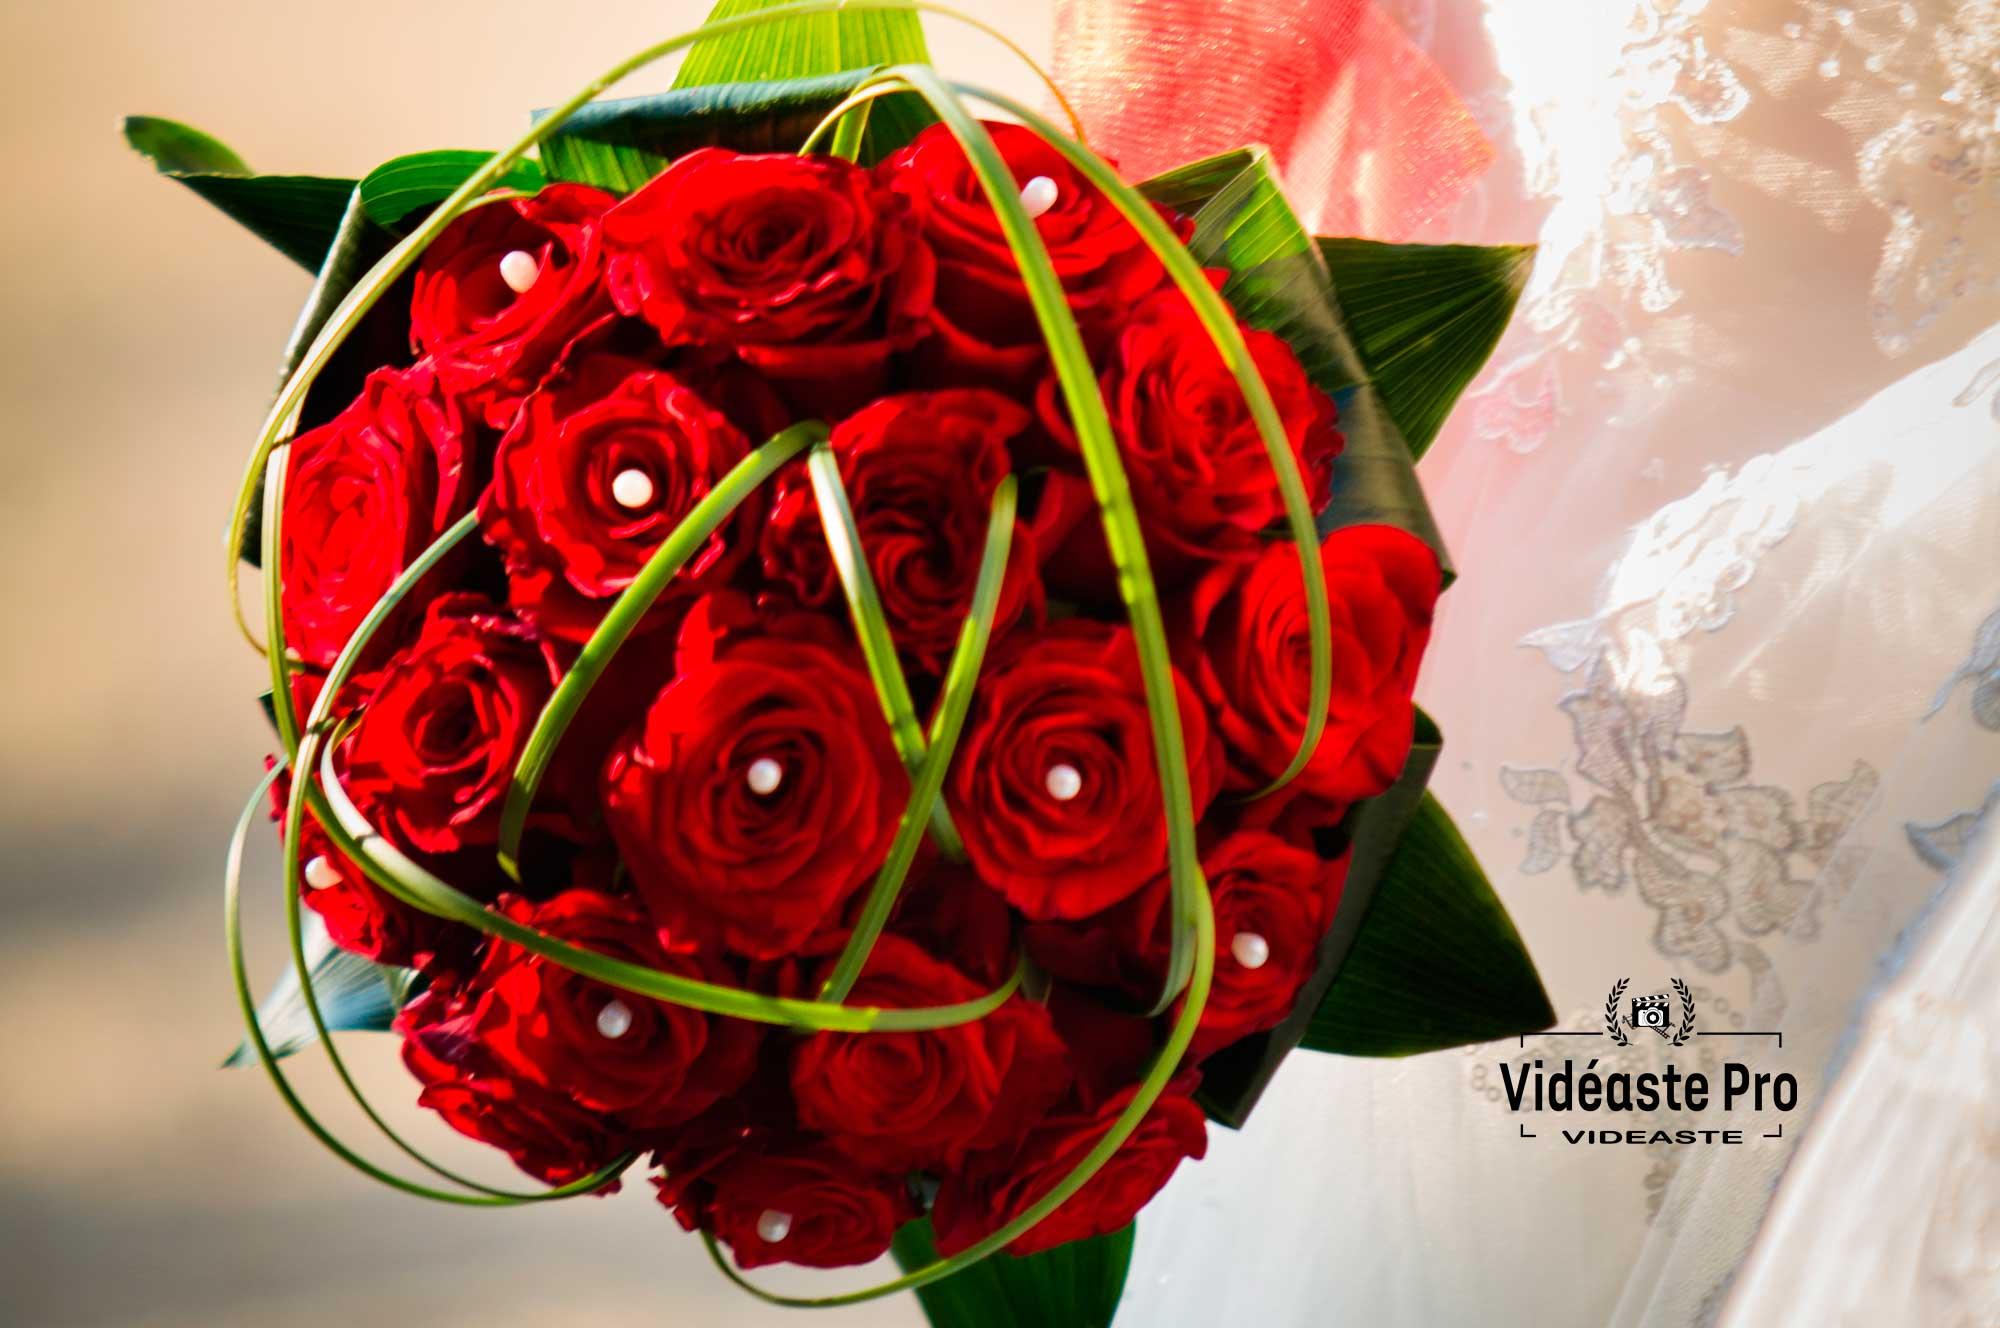 Vidéaste Hauts-de-Seine, vidéaste mariage Hauts-de-Seine, vidéo mariage naturelle et authentique, témoignant de toute l'intensité et les meilleurs moments de votre mariage en Hauts-de-Seine